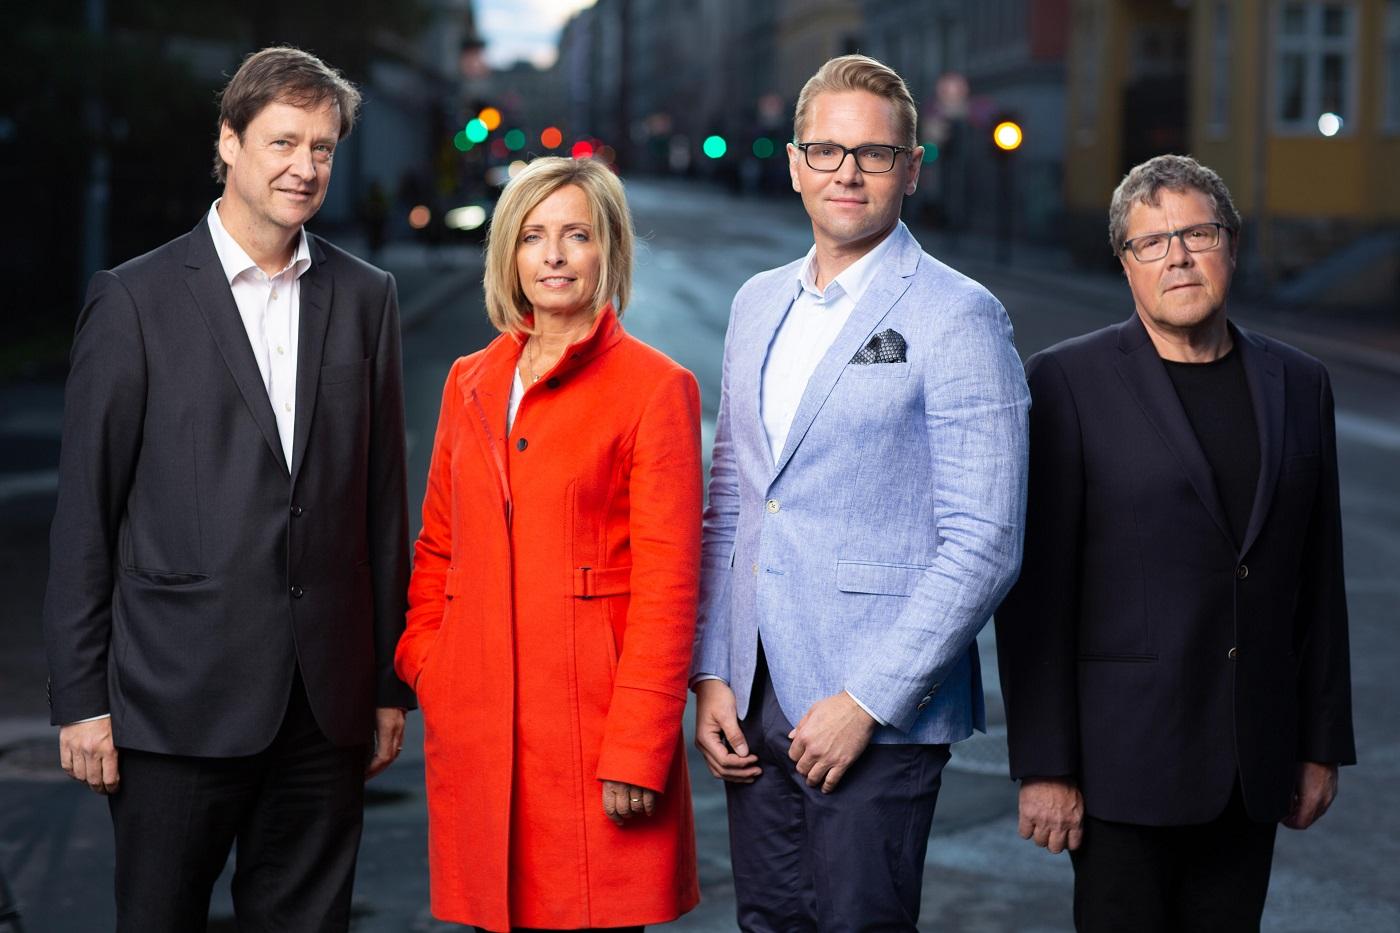 Åsted Norge på TV 2